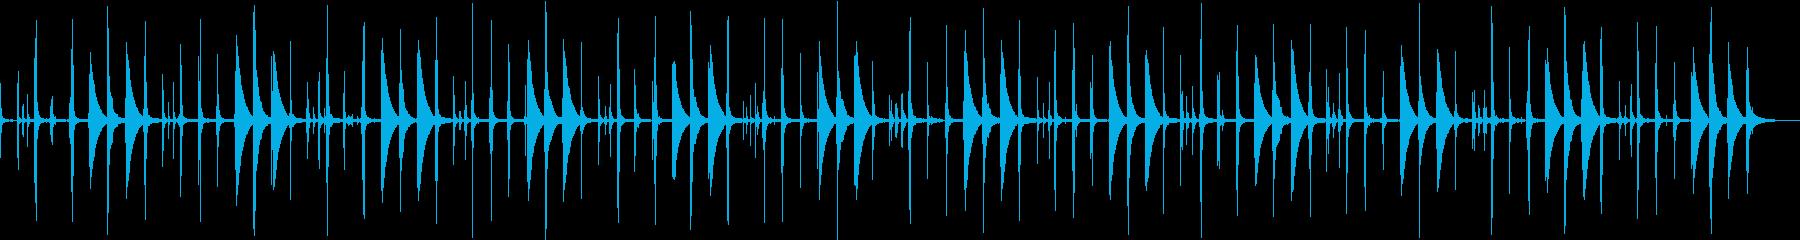 ラテンサルタリーパーカッショングロ...の再生済みの波形